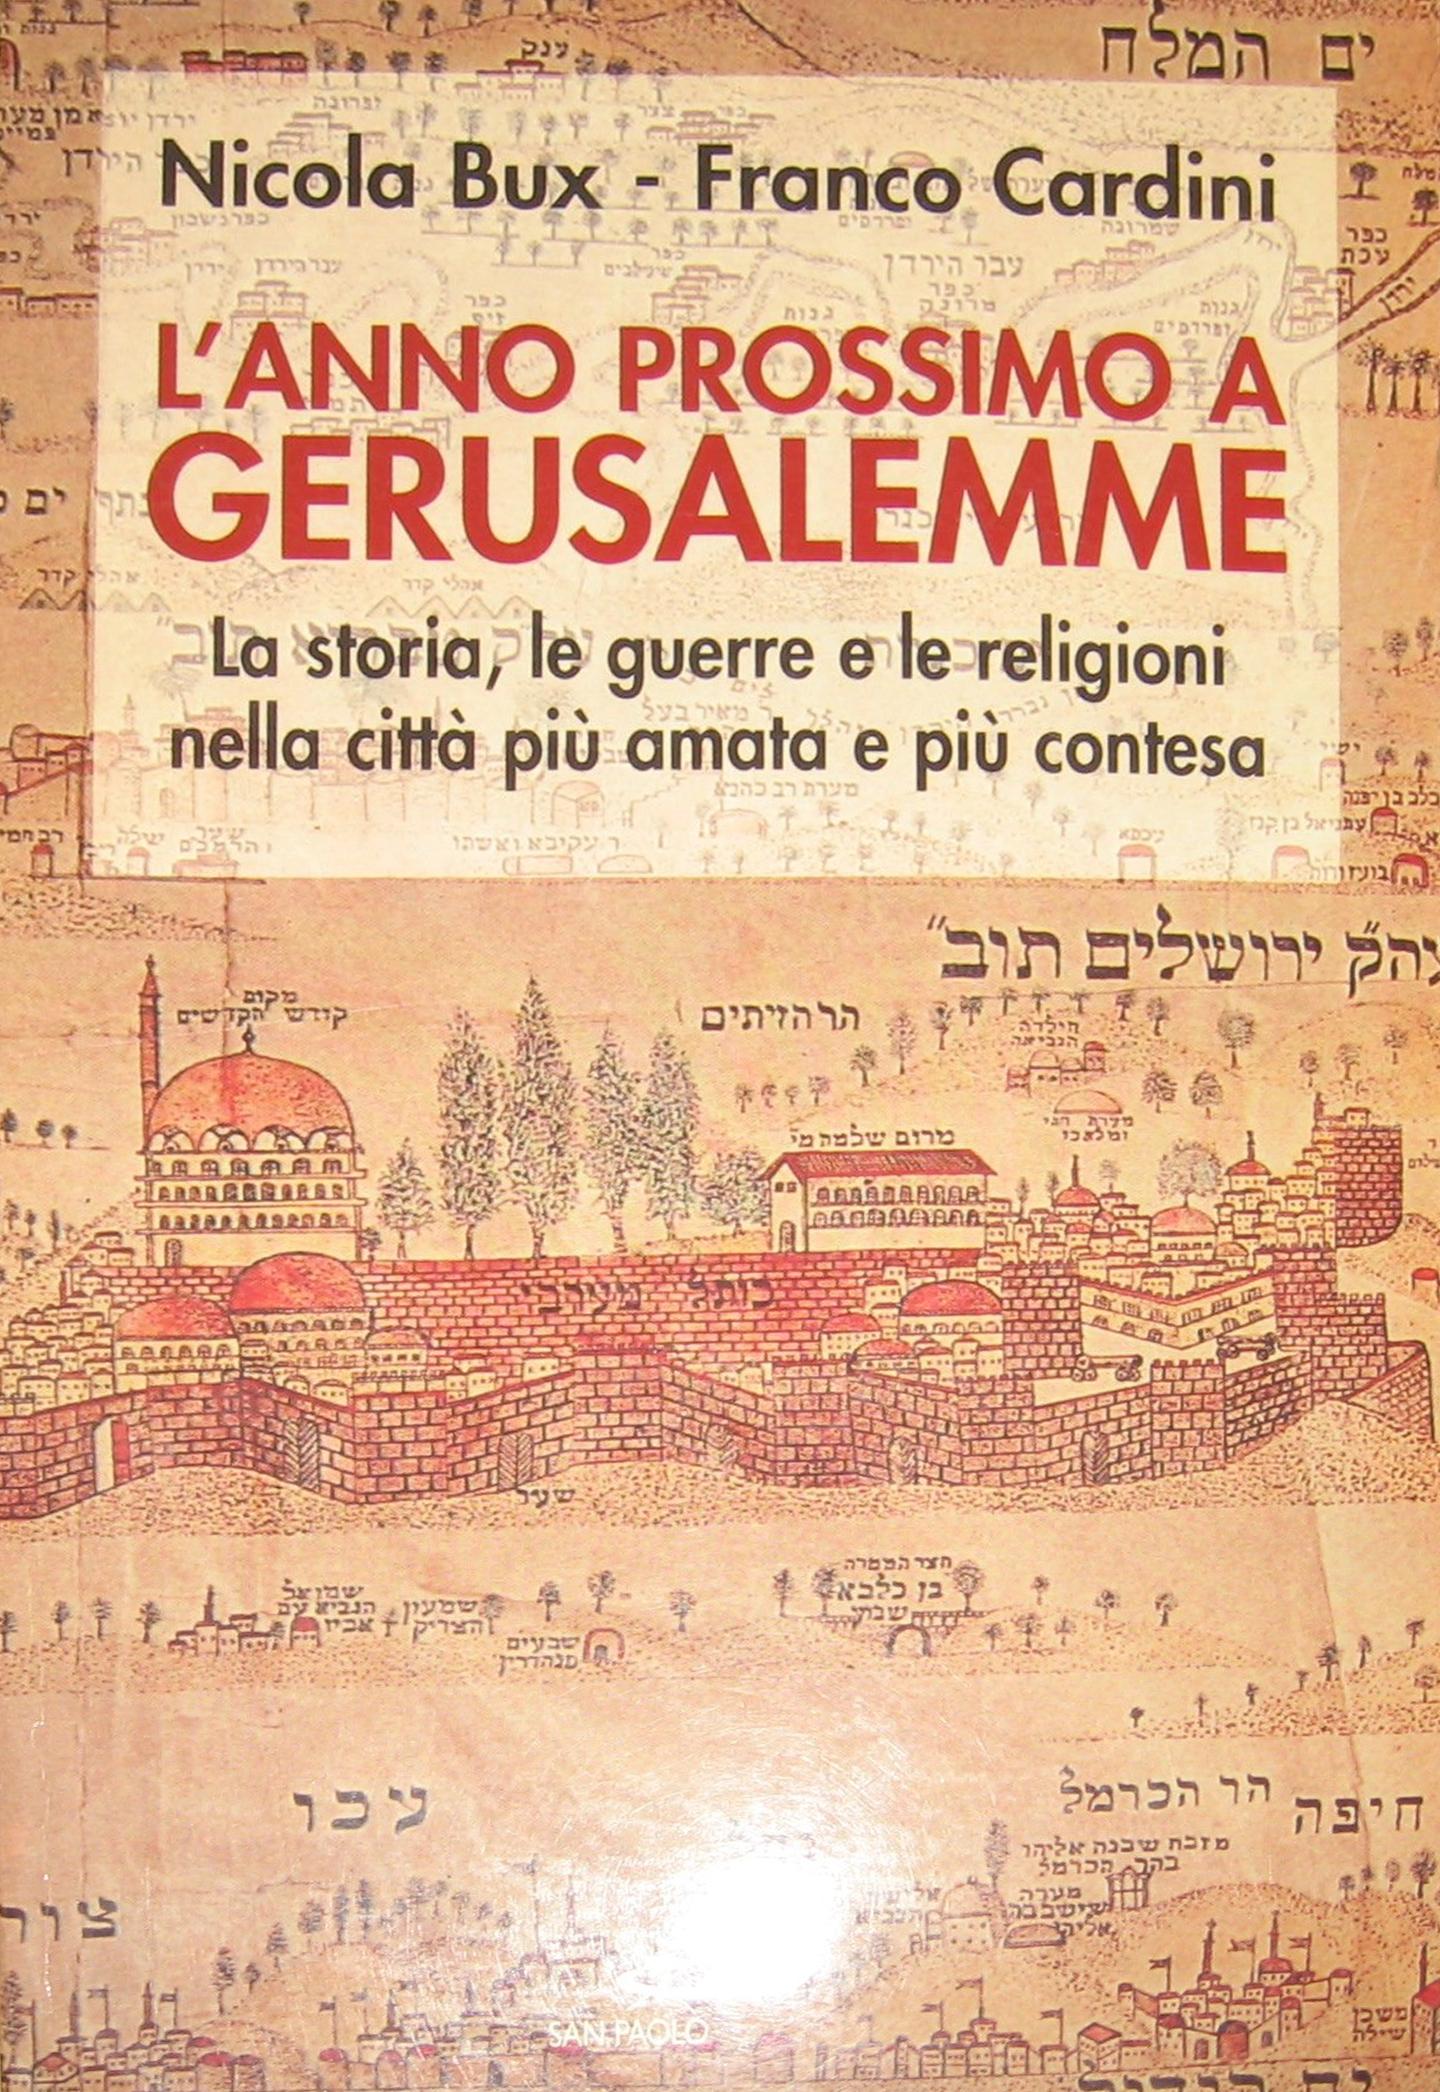 L'anno prossimo a Gerusalemme. La storia, le guerre e le religioni nella città più amata e contesa